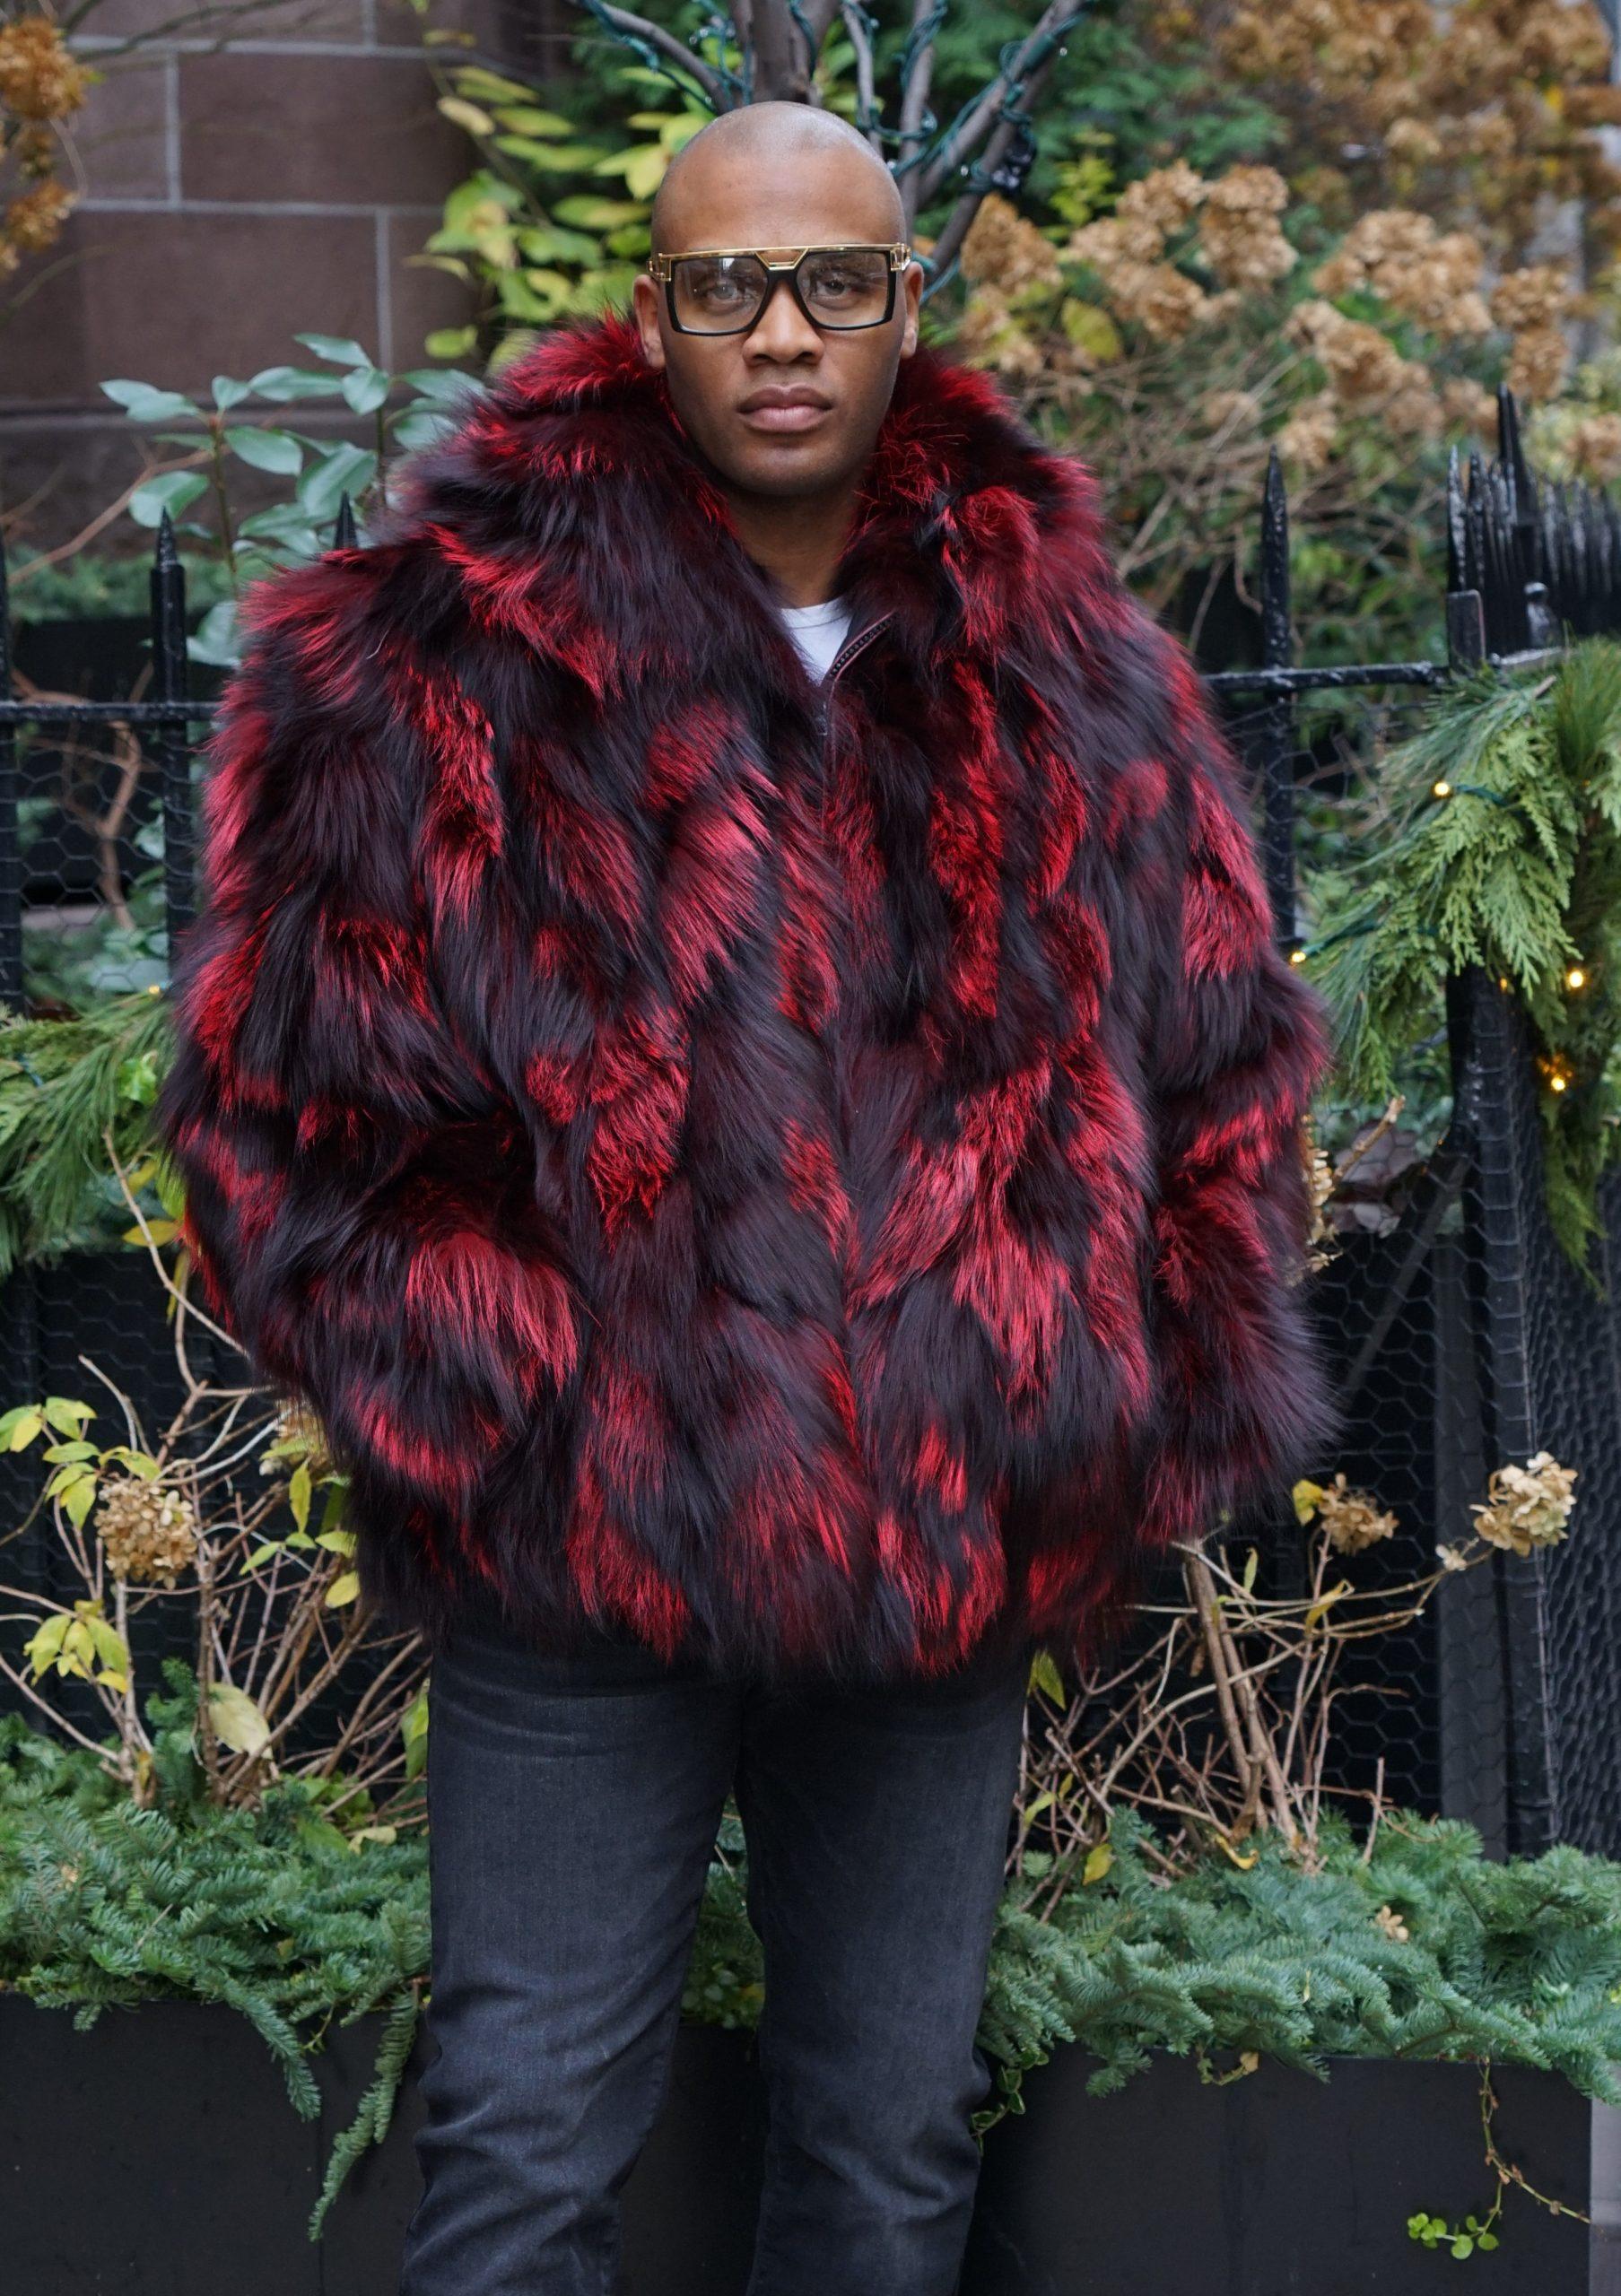 Burgundy Men's Fox Fur Jacket Hooded